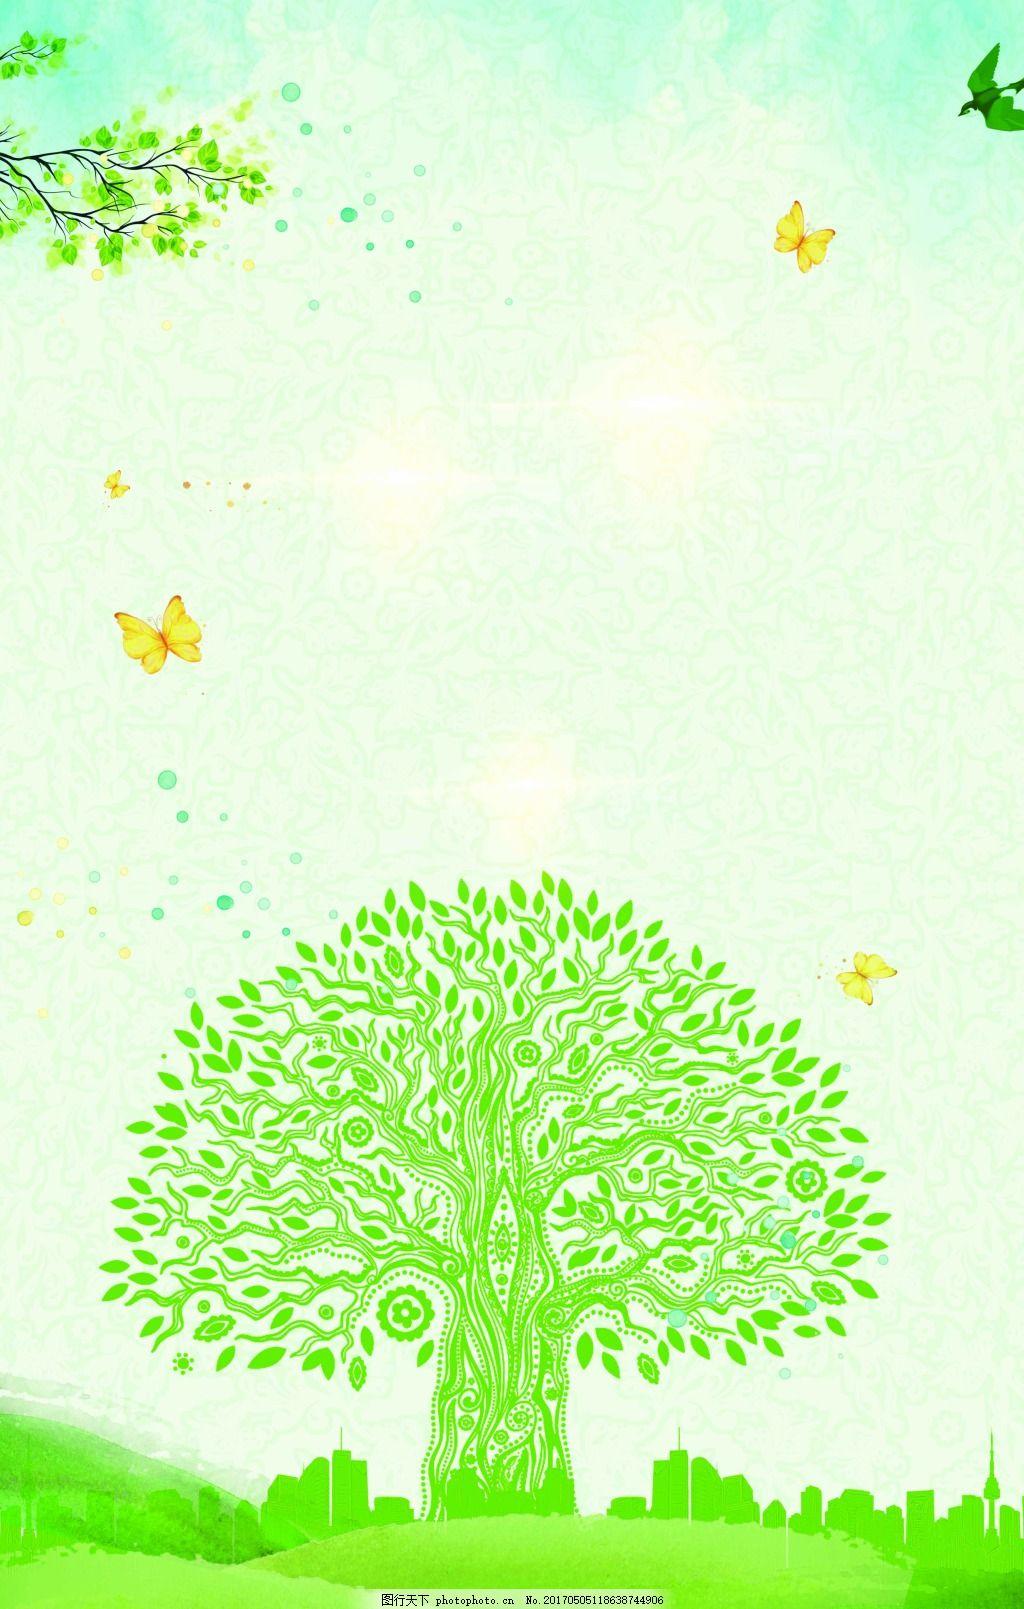 树叶海报背景春季上新文艺小清新图片